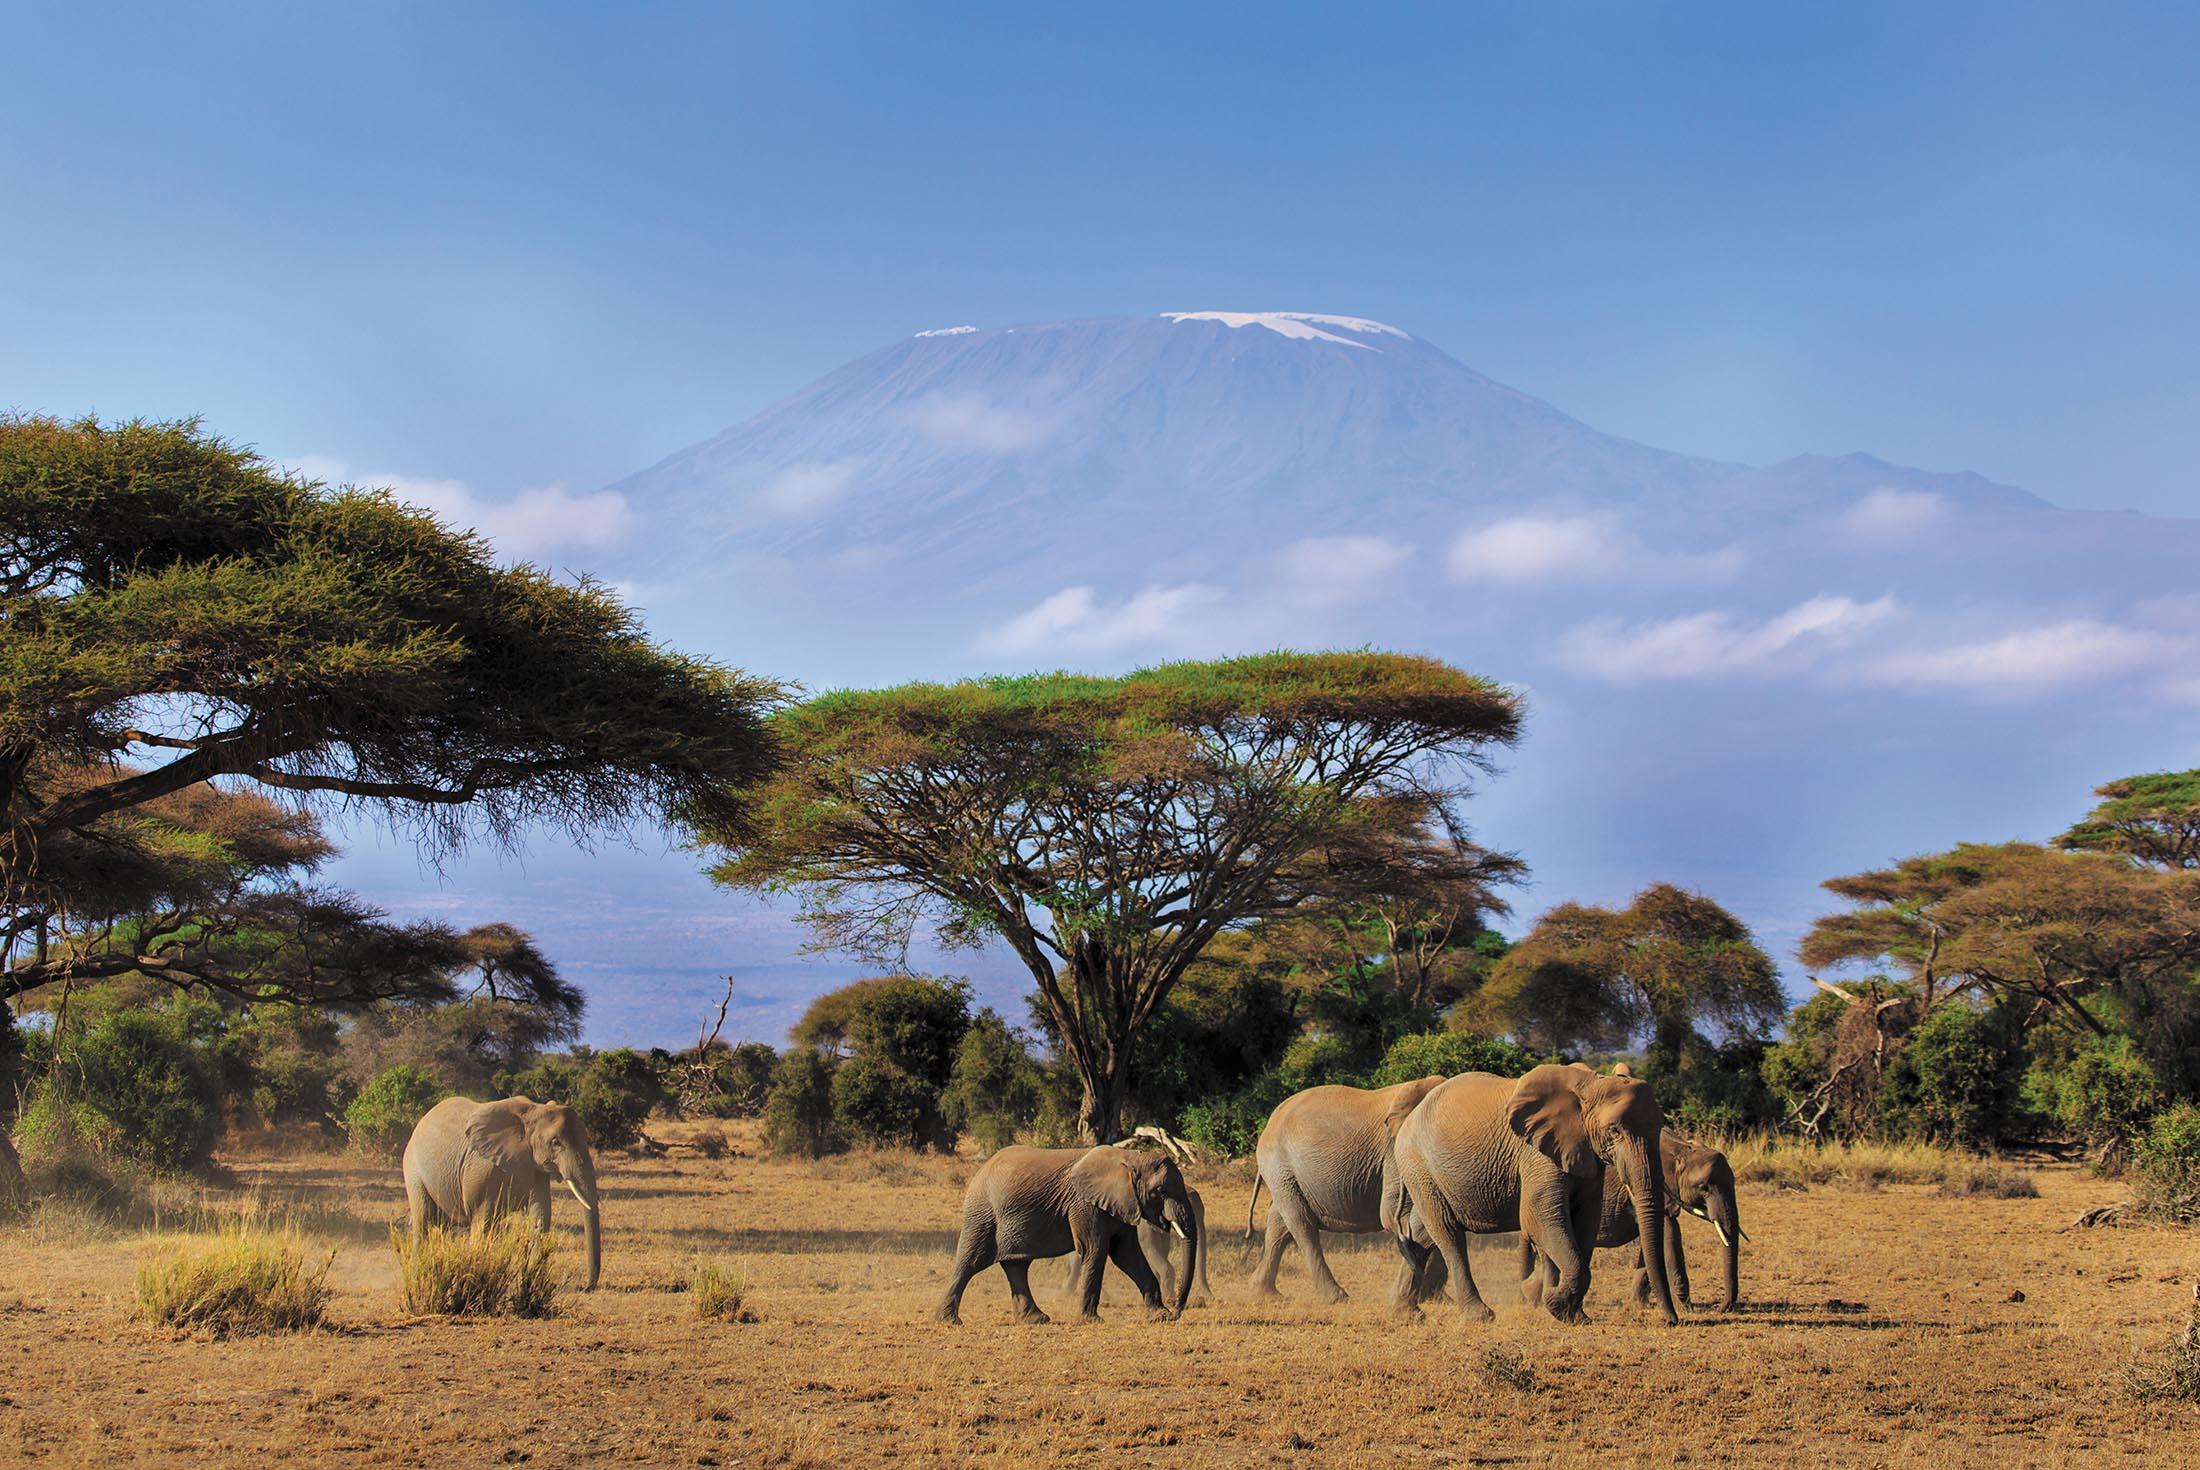 Kenya Safari Experience - Independent 1